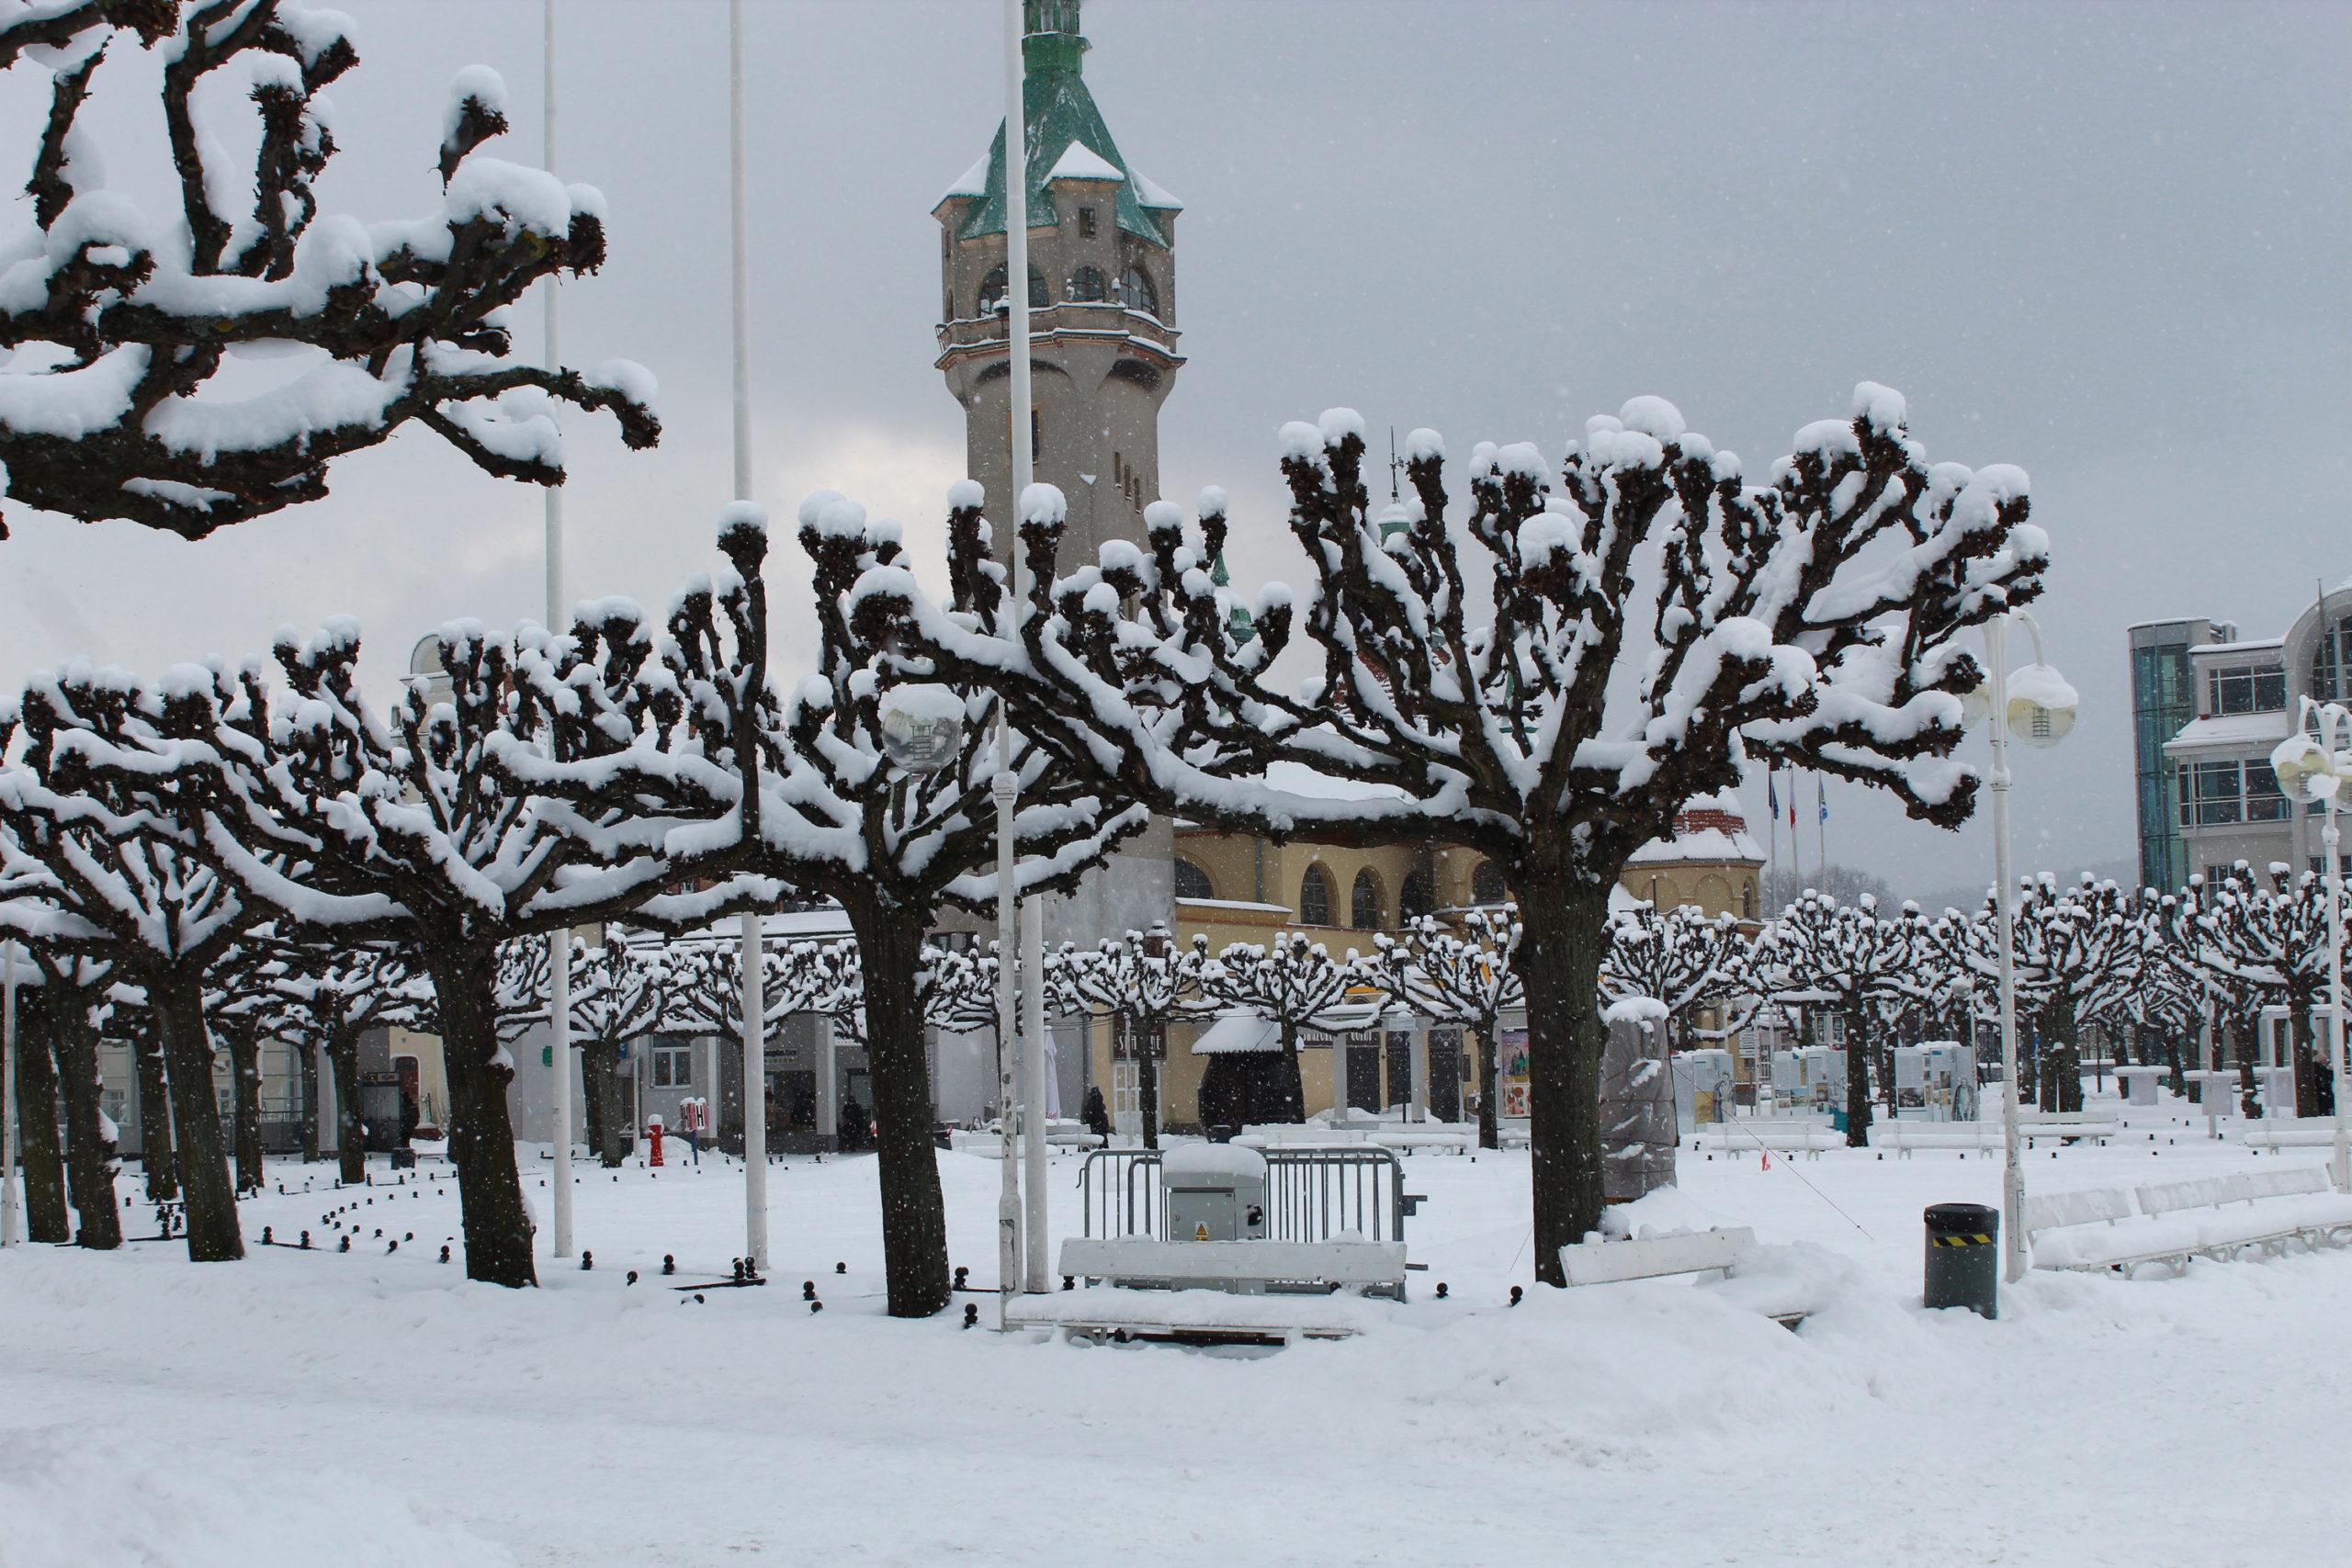 drzewa pokryte śniegiem w tle budynek